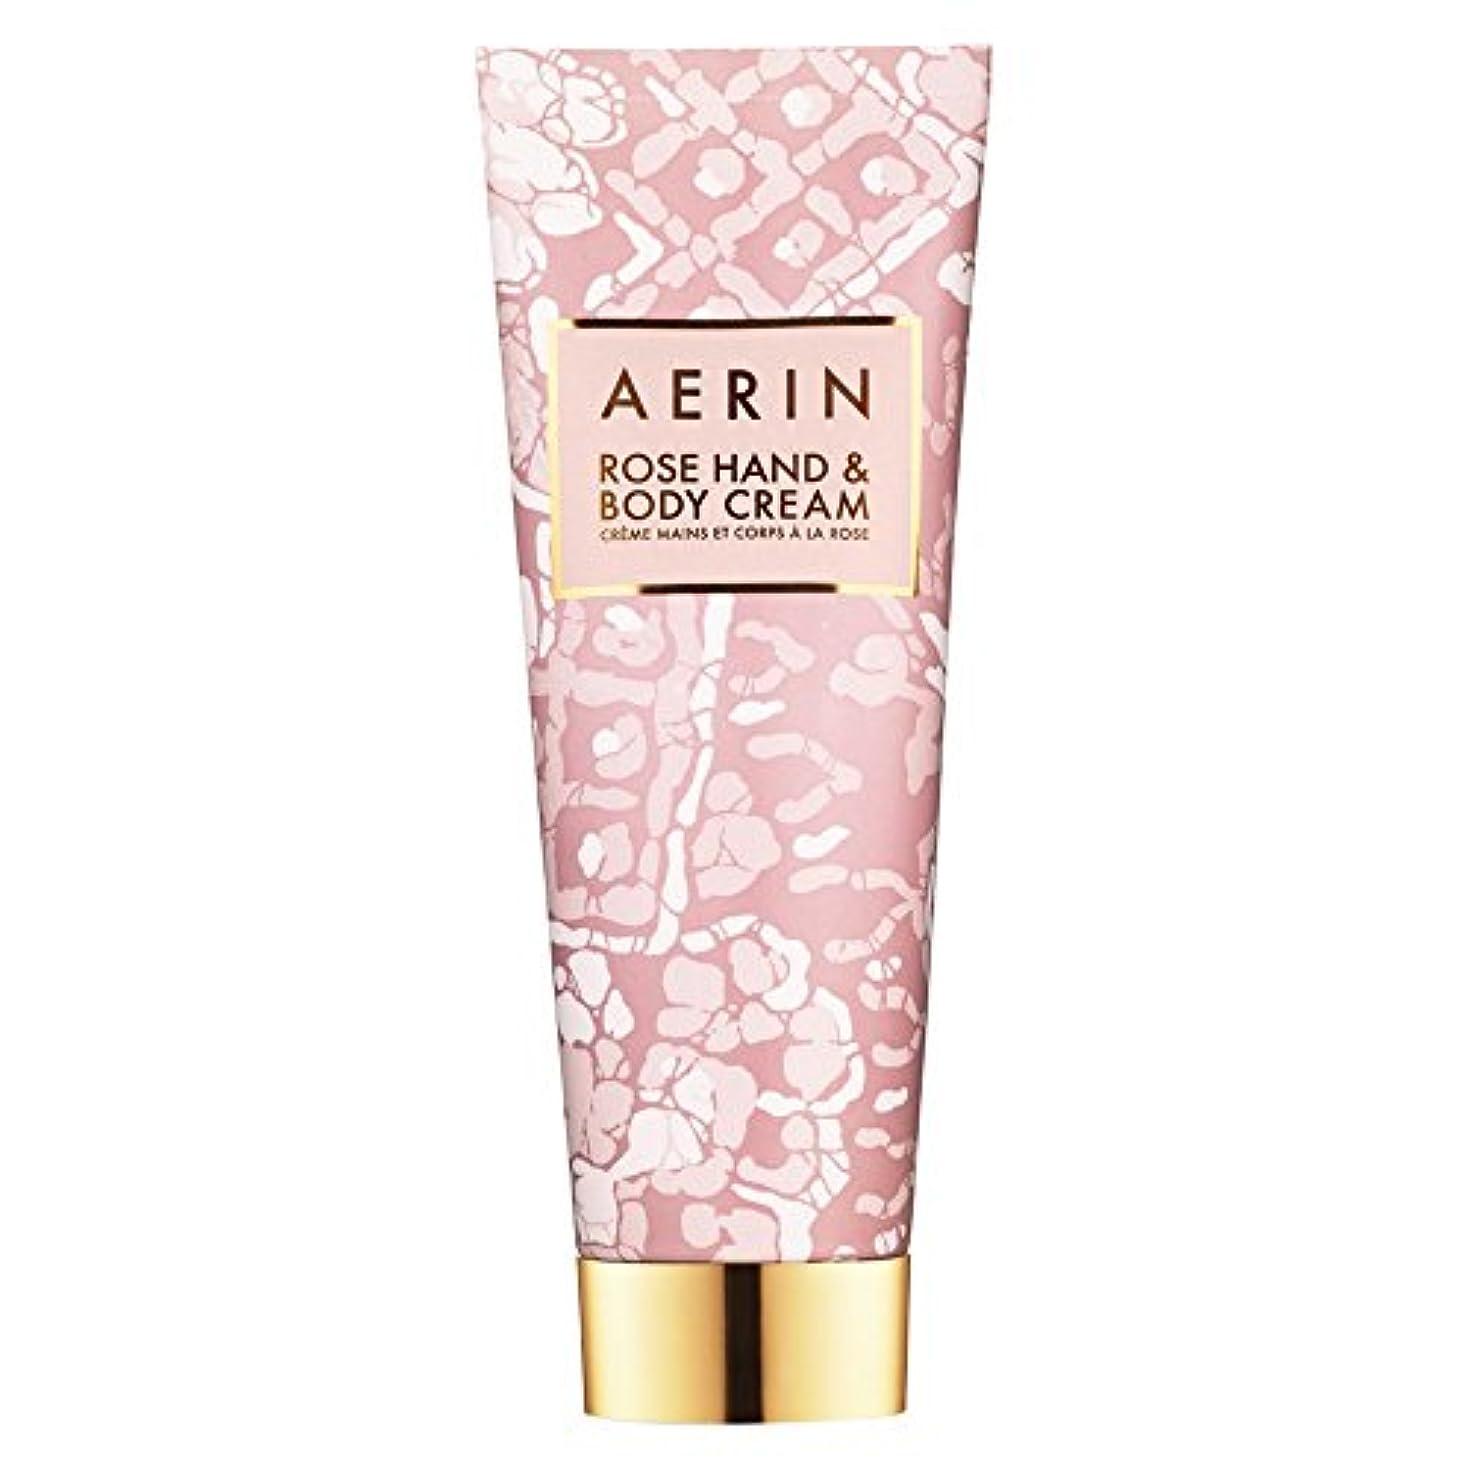 柔らかさ哲学的葡萄Aerinはハンド&ボディクリーム125ミリリットルをバラ (AERIN) (x2) - AERIN Rose Hand & Body Cream 125ml (Pack of 2) [並行輸入品]